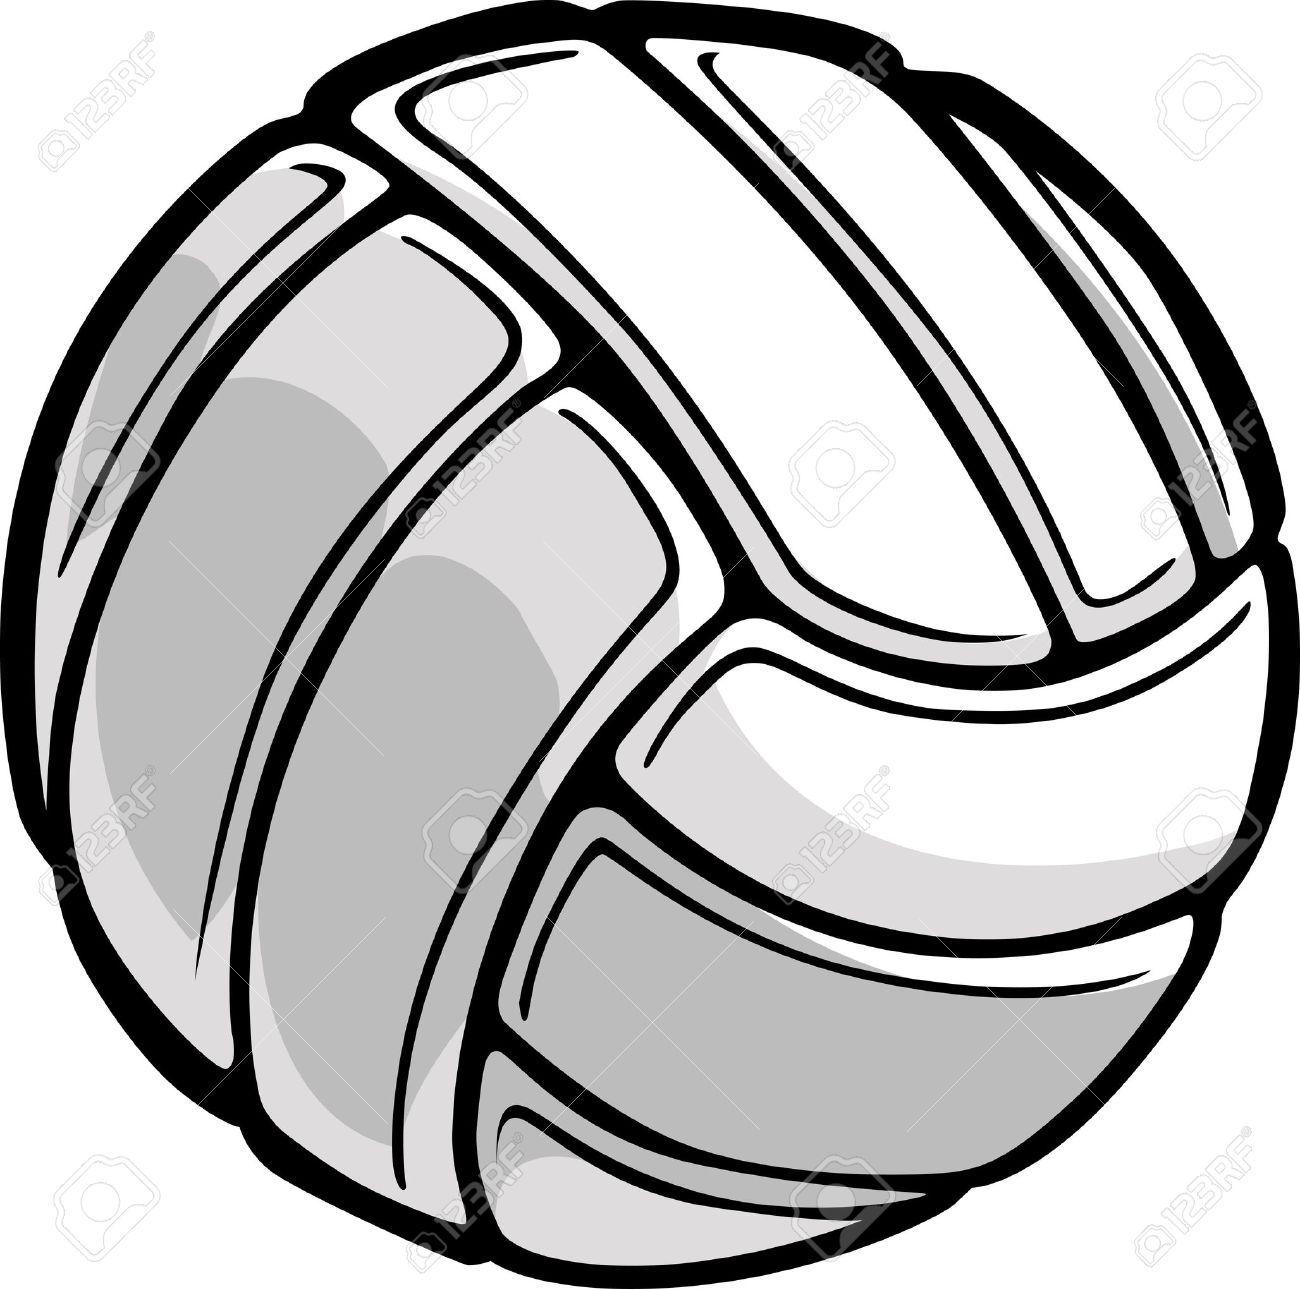 Волейбольный мяч выкройка